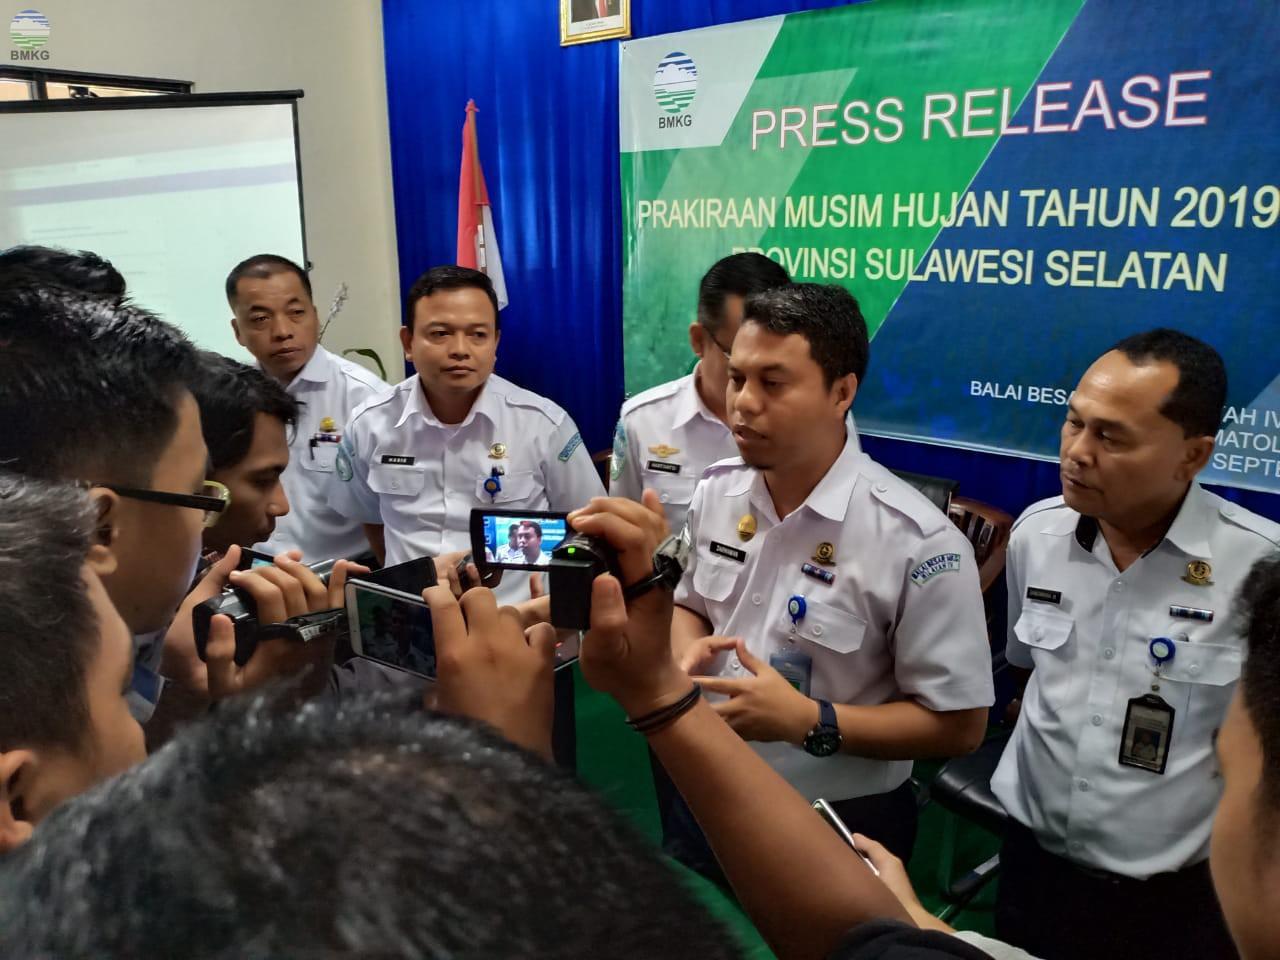 Konferensi Pers Prakiraan Awal Musim Hujan Tahun 2019/2020 di Provinsi Sulawesi Selatan